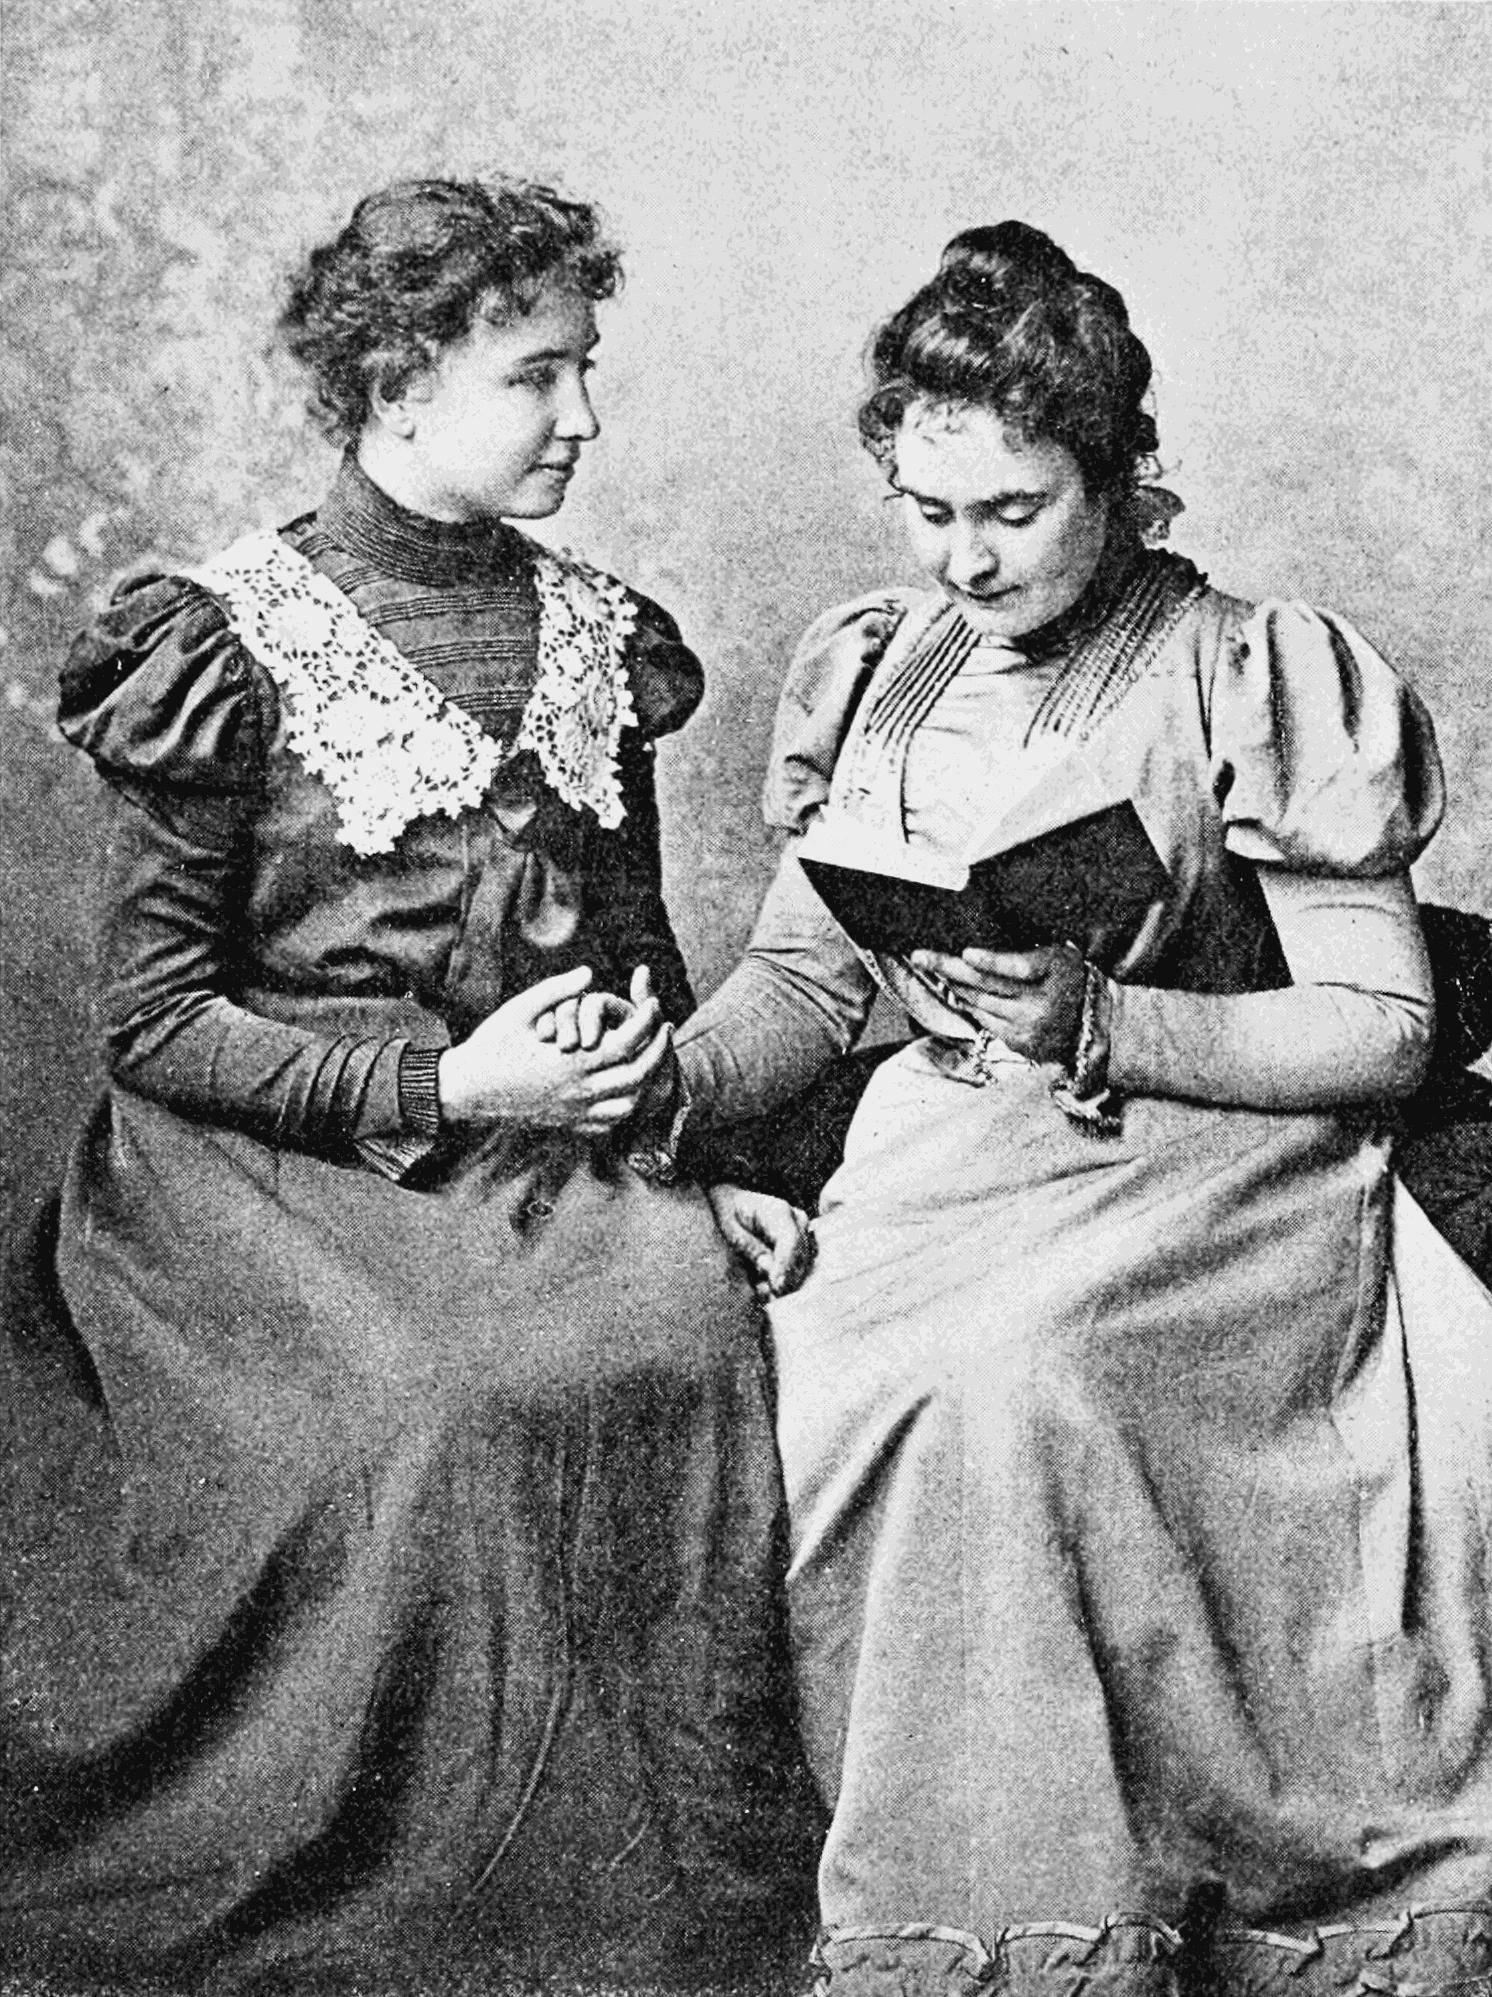 Helen and Ann